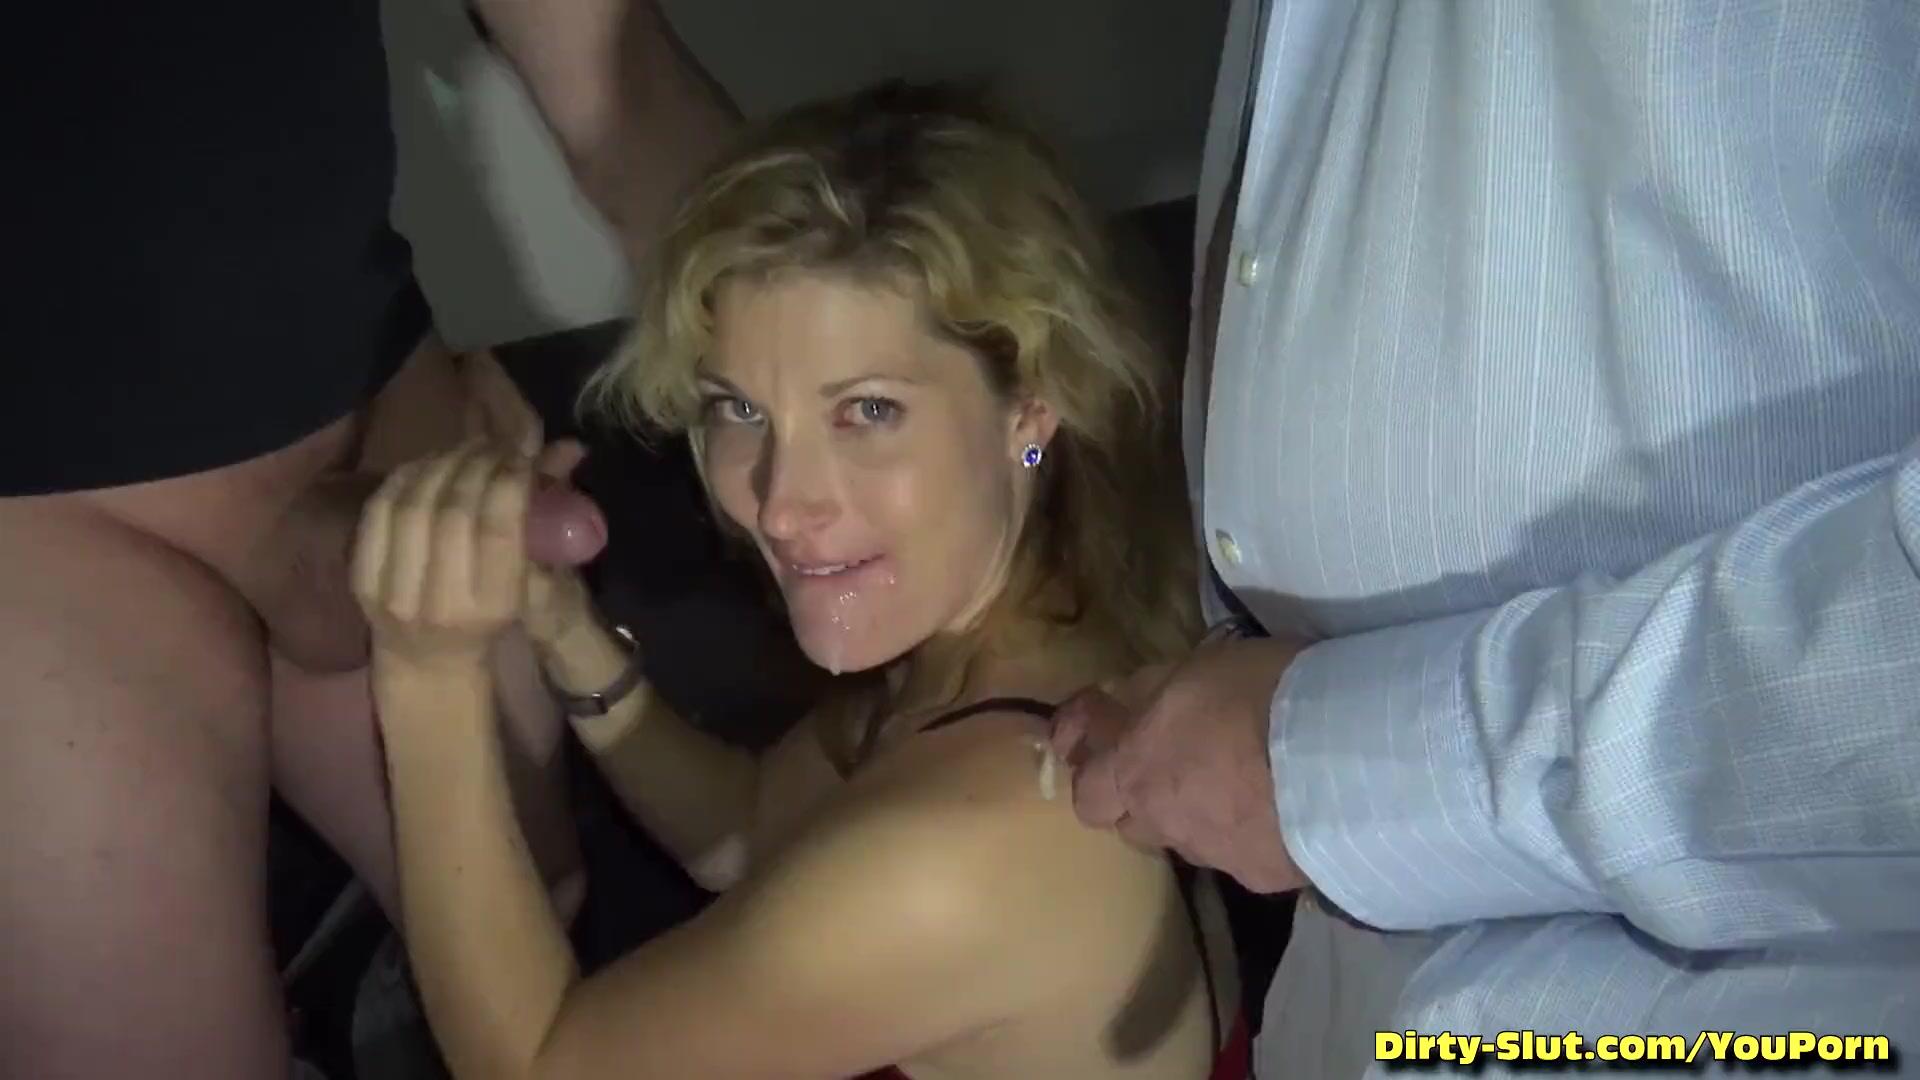 Wife stranger porn